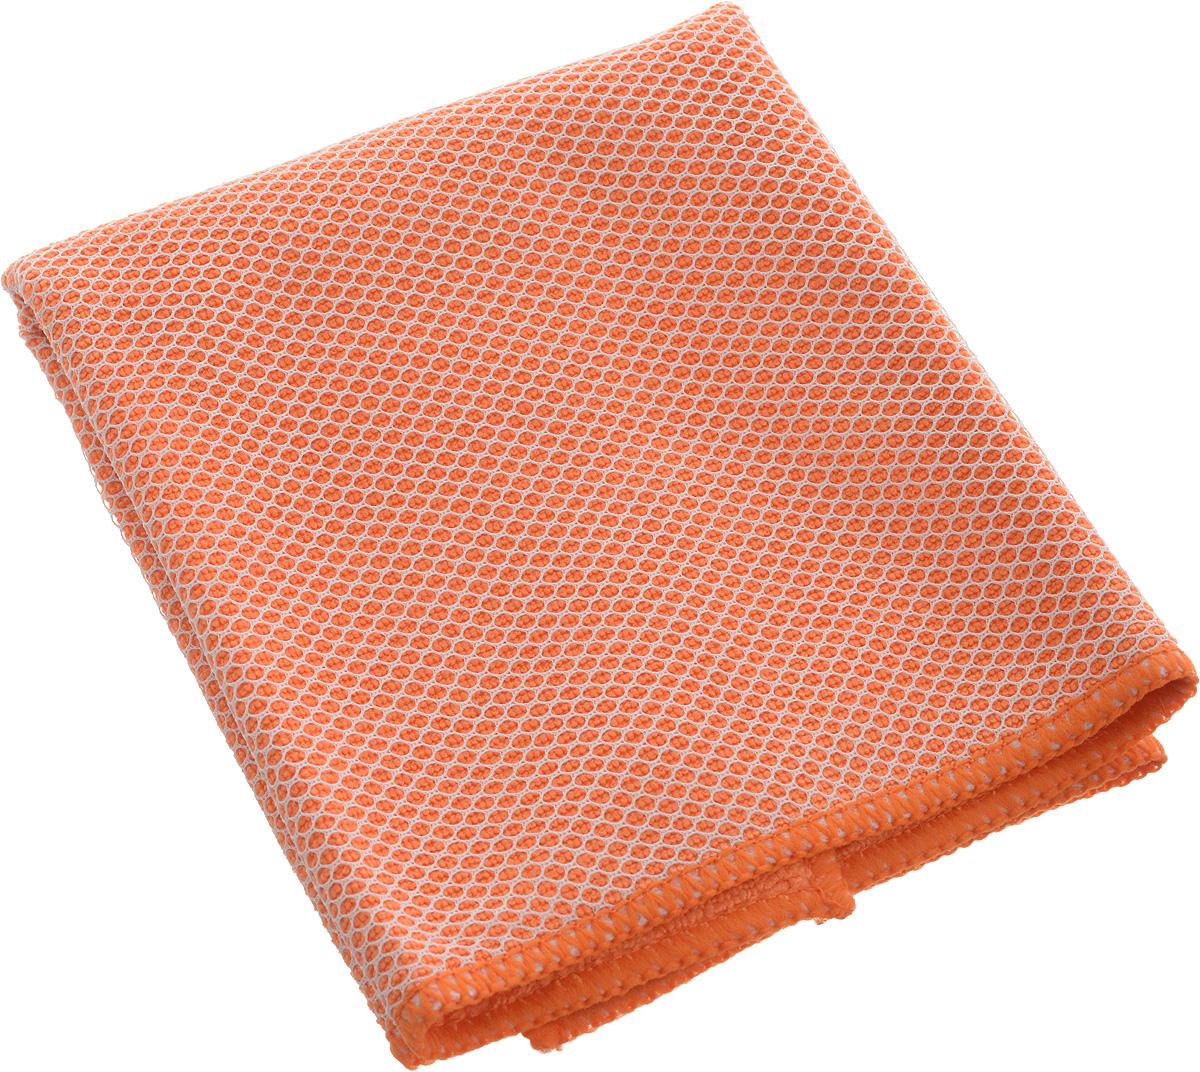 Салфетка Airline, цвет: оранжевый, 35 х 40 смRC-100BWCСалфетка из микрофибрового материала имеет мягкую поверхность, которая сособой деликатностью устраняет загрязнения с поверхностей, делая уборку ещеболее быстрой и комфортной.Состав: 20% полиамид, 80% полиэстер.